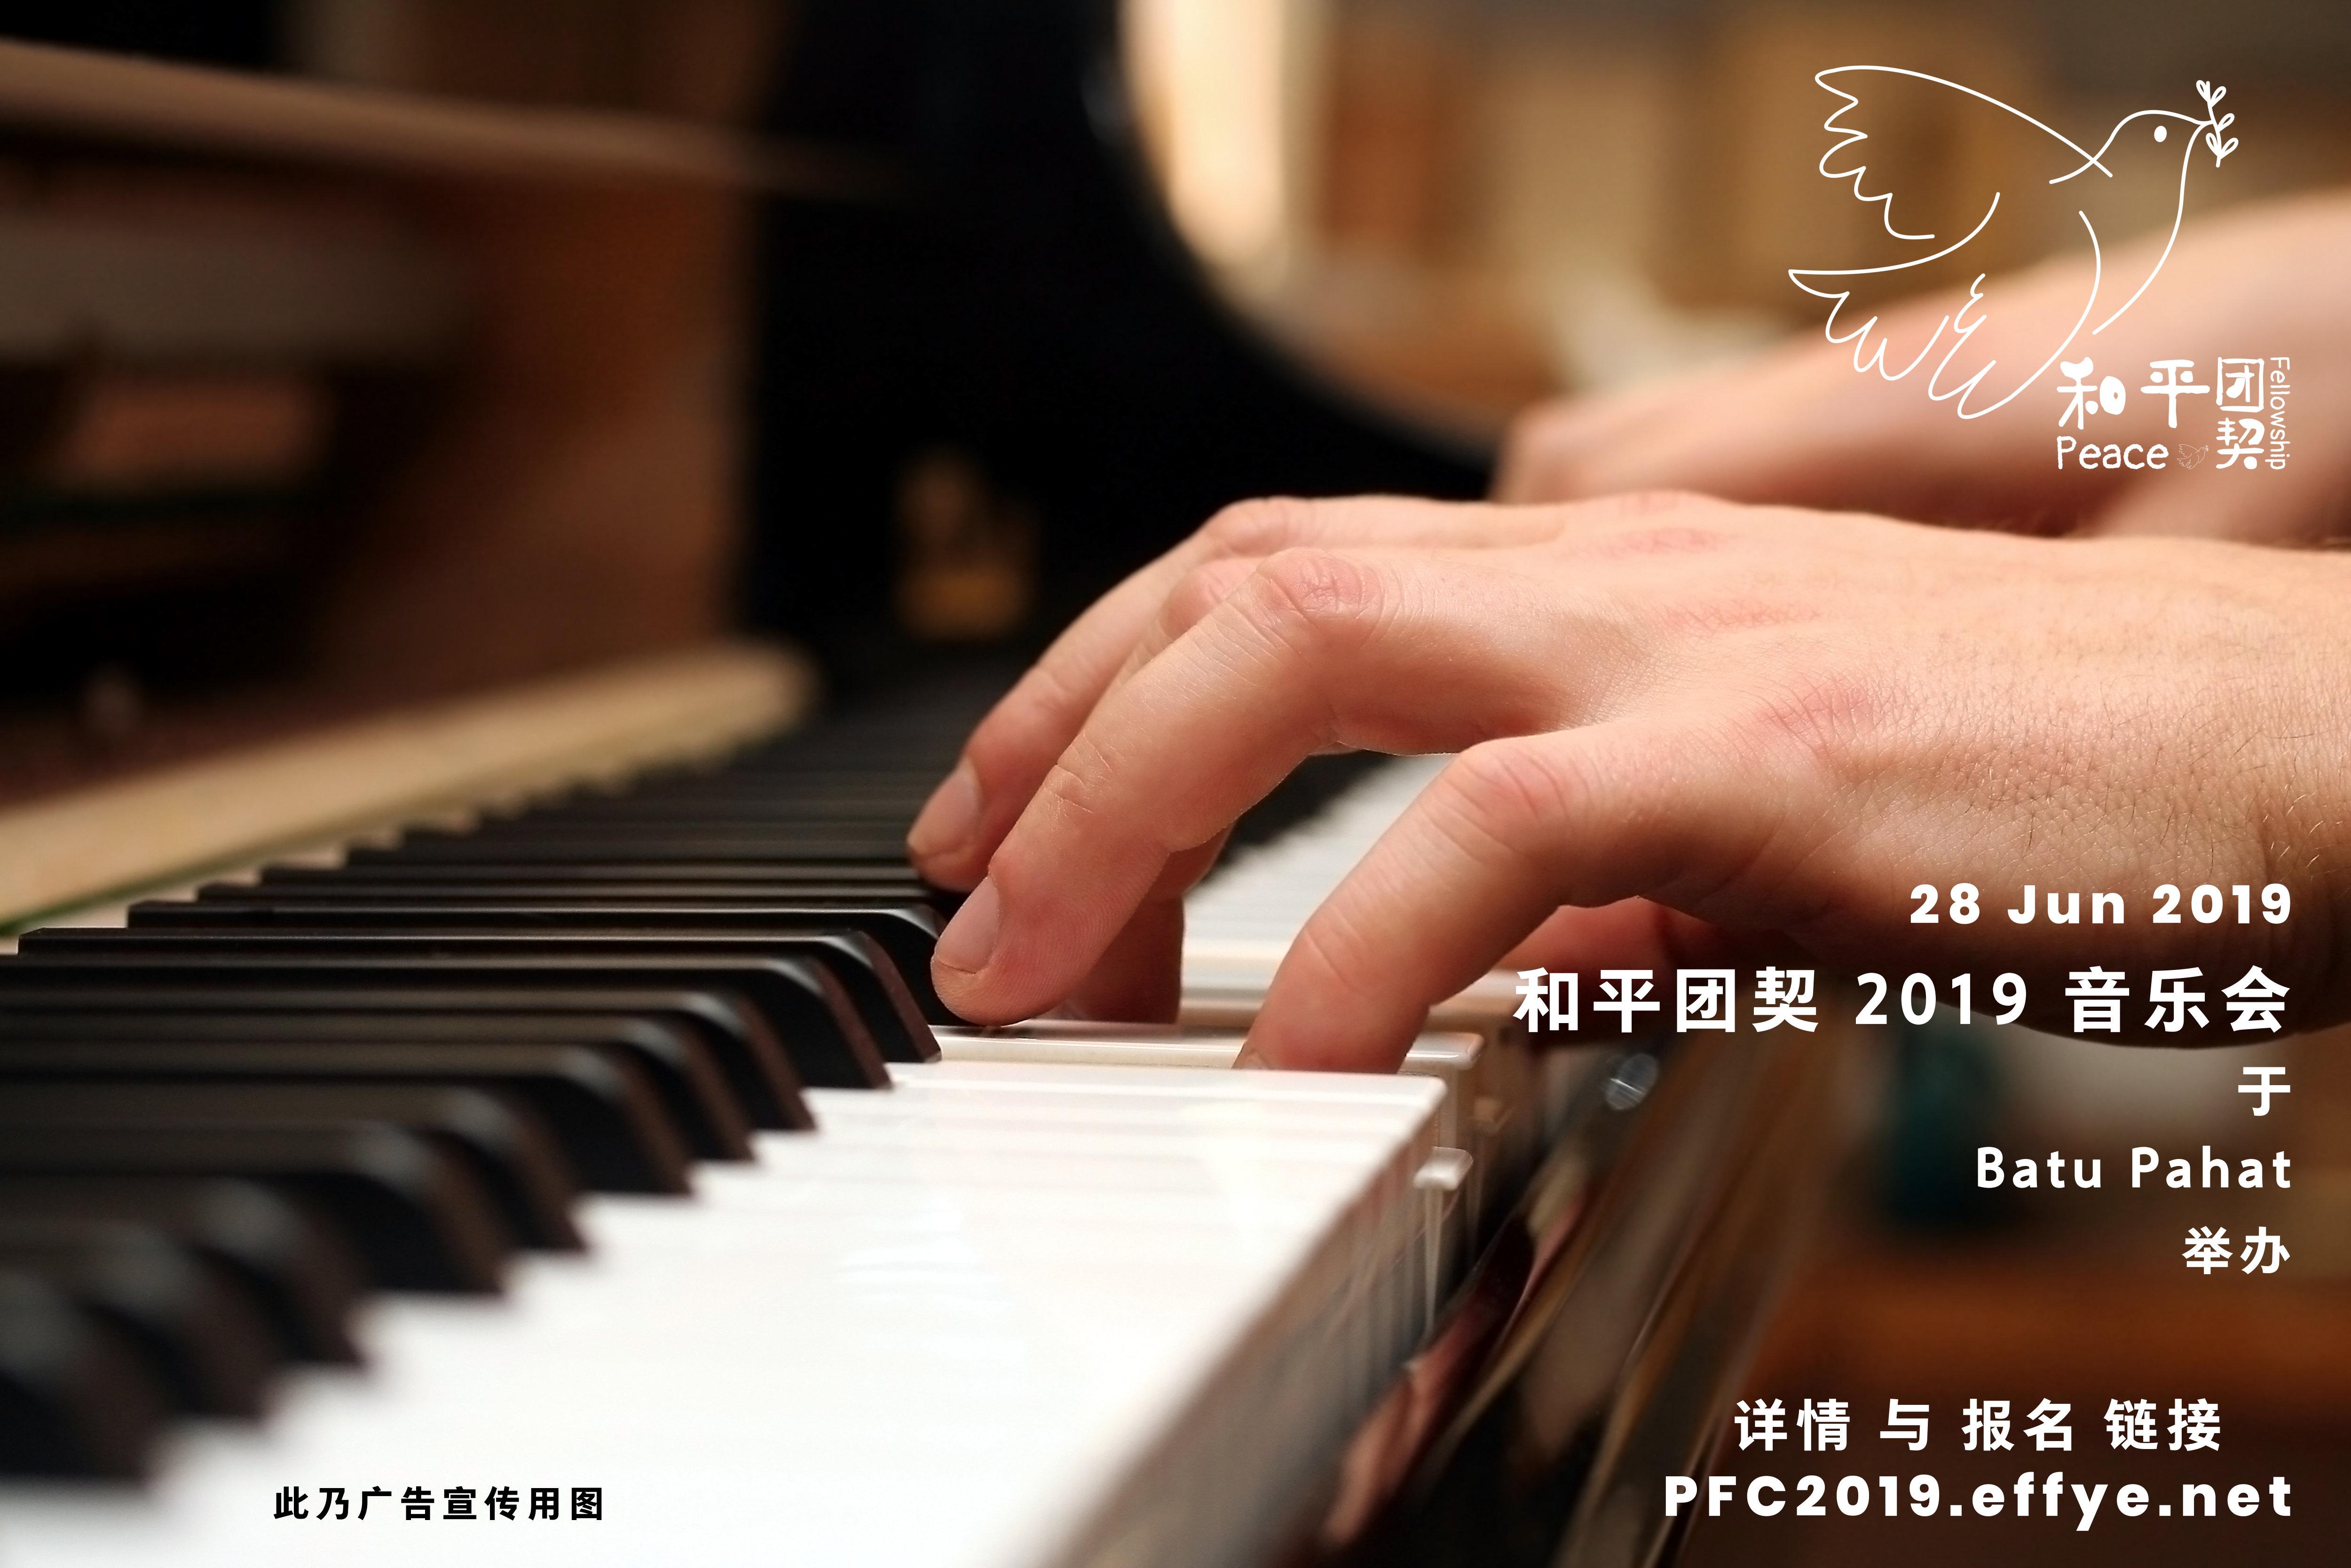 峇株巴辖 音乐会 和平团契 少年团 2019 音乐会 2019年 6月 28日 钢琴 吉他 小提琴 大提琴 古筝 独唱 Peace Fellowship 2019 Concert at Batu Pahat Piana Guitar Violin Cello GuZheng Singing A003